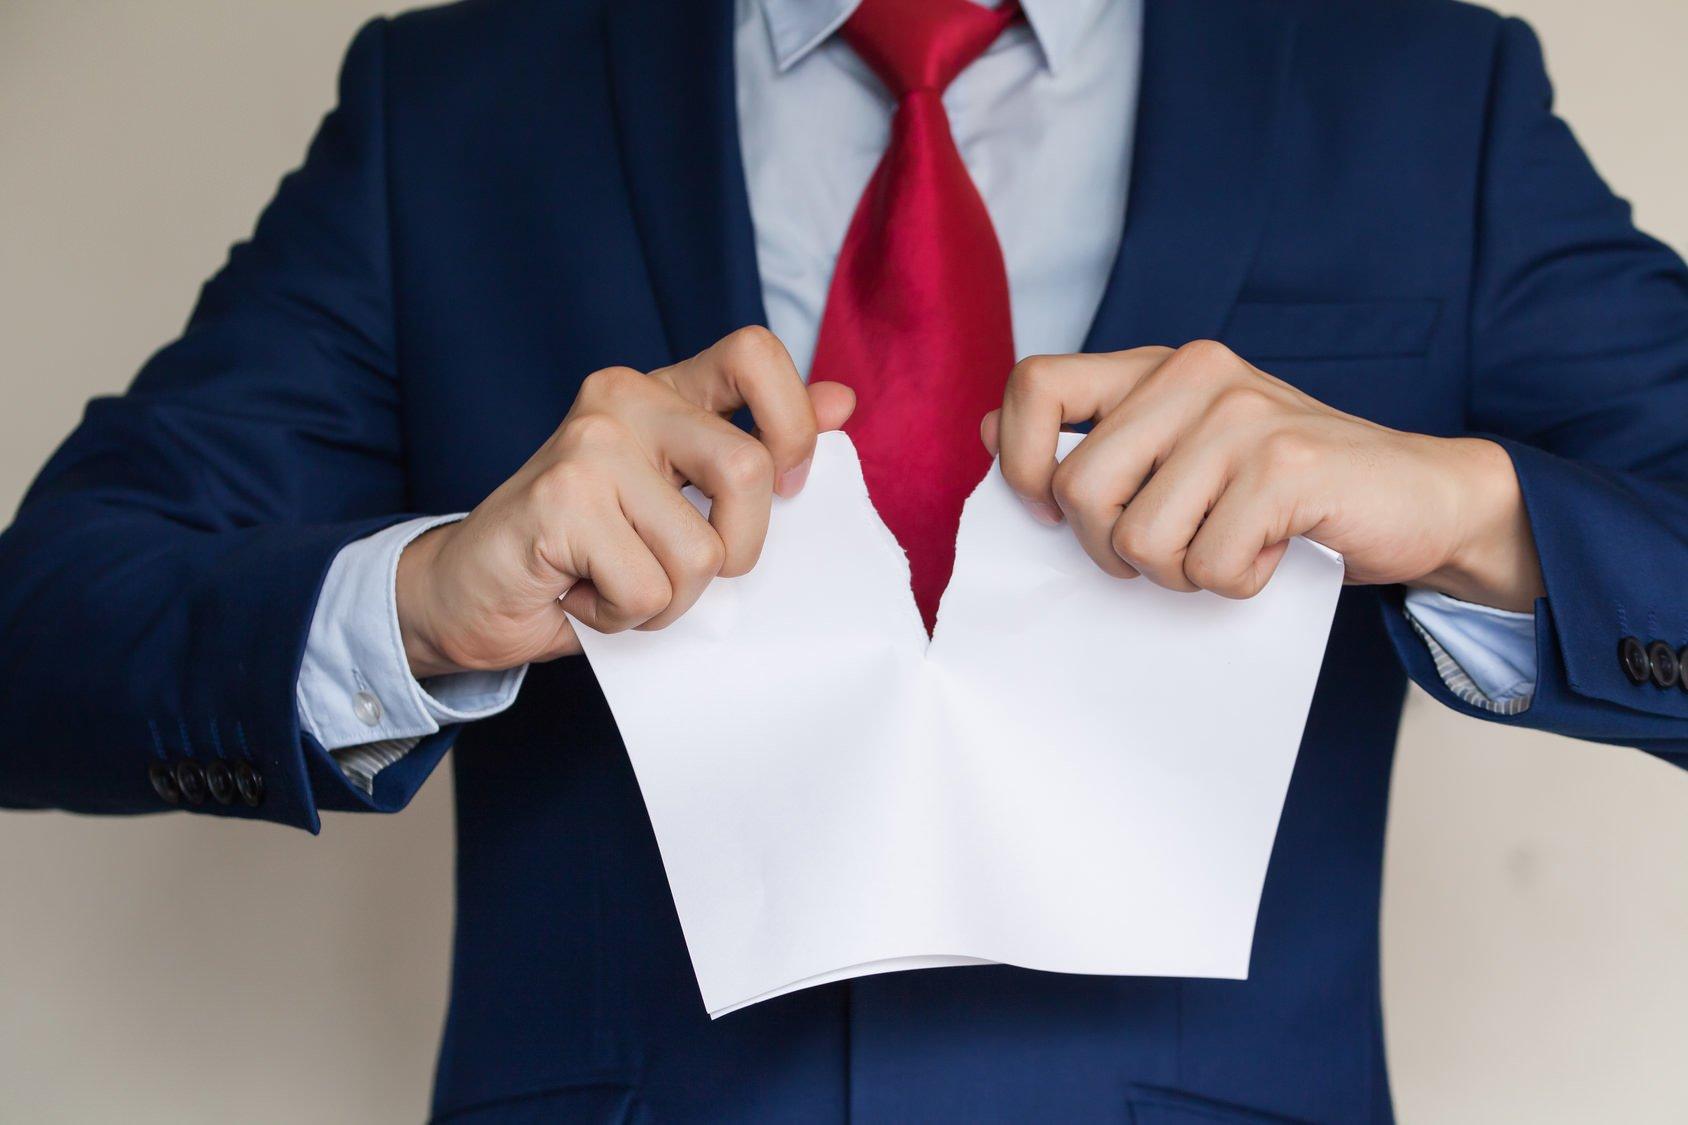 Проведение экспертизы блузки ненадлежащего качества